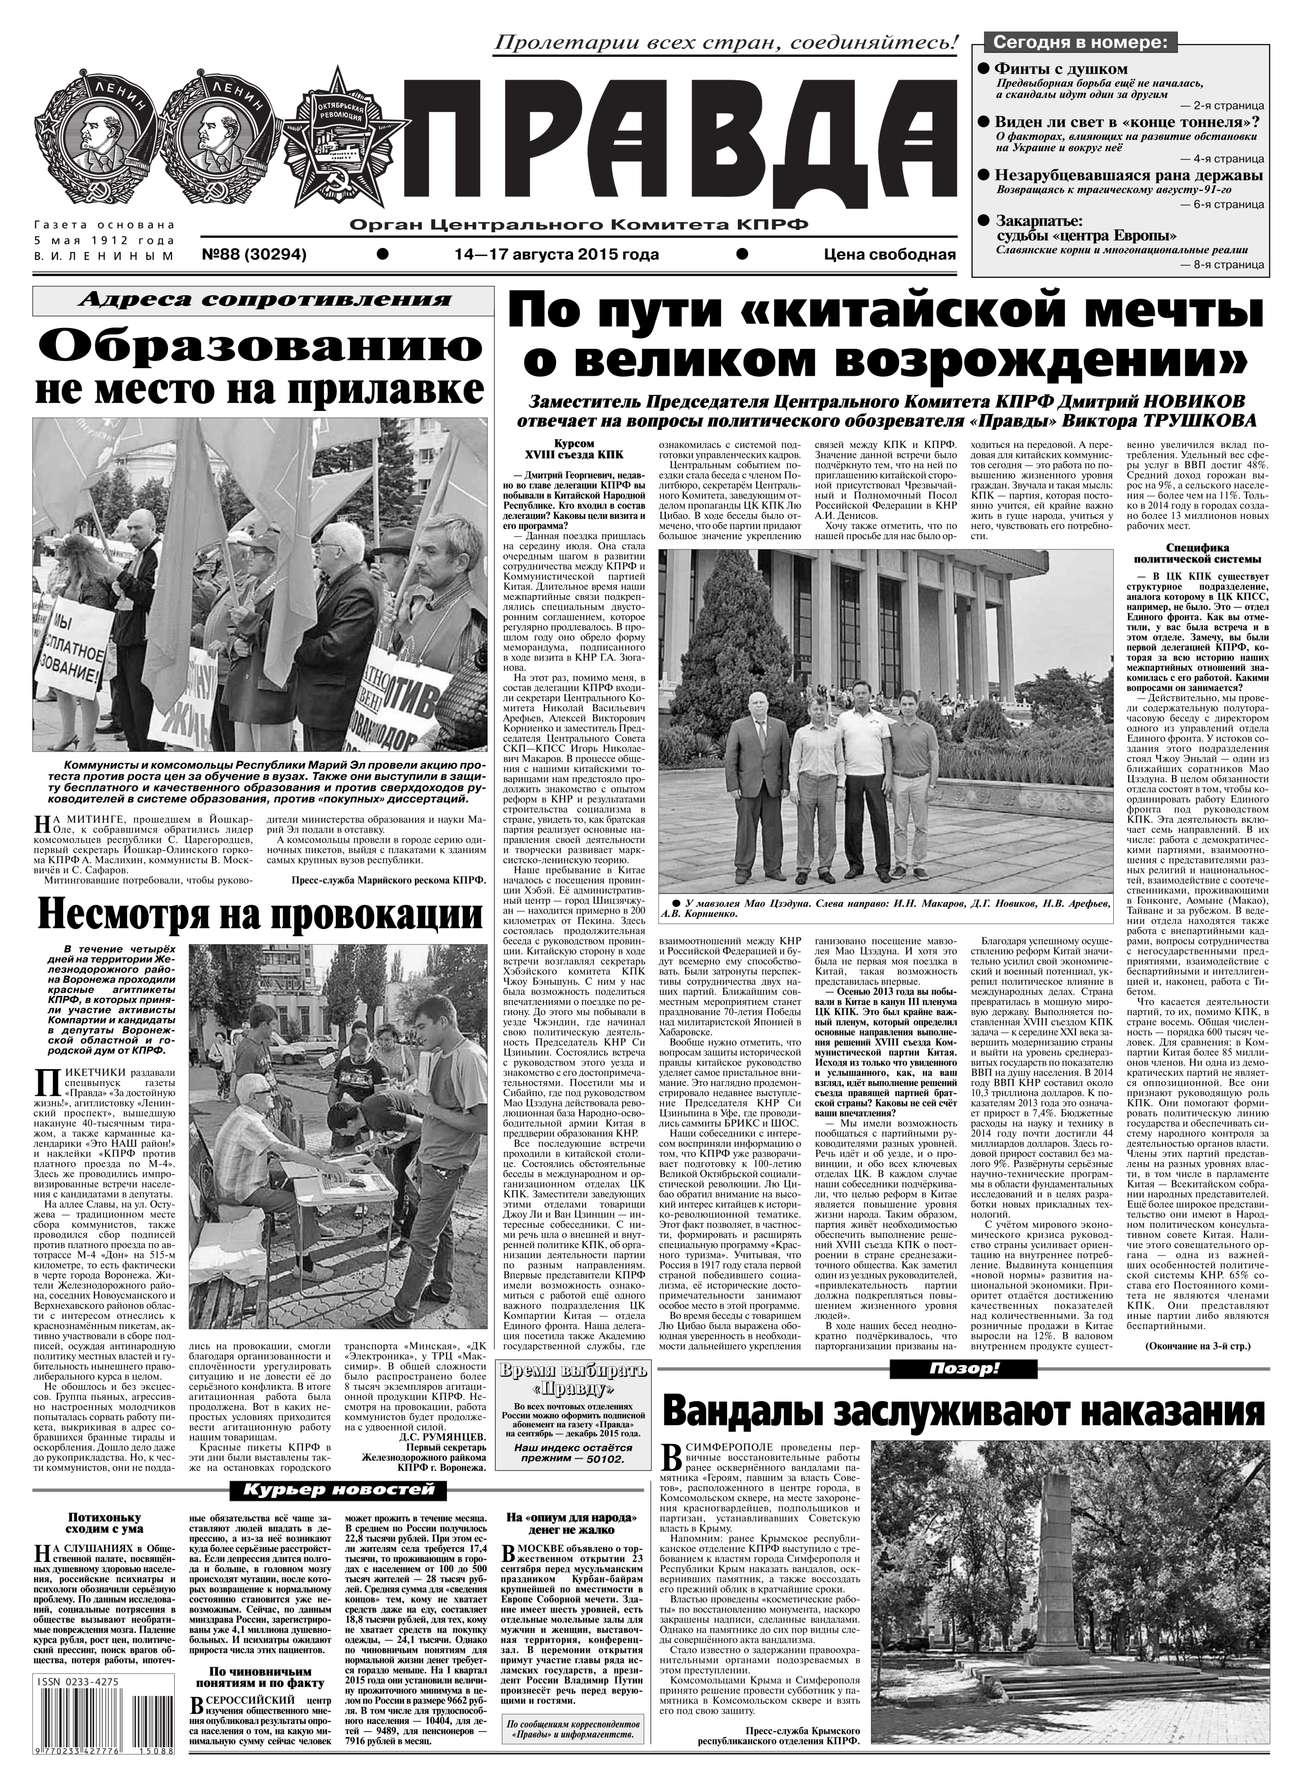 Редакция газеты Правда Правда 88-2015